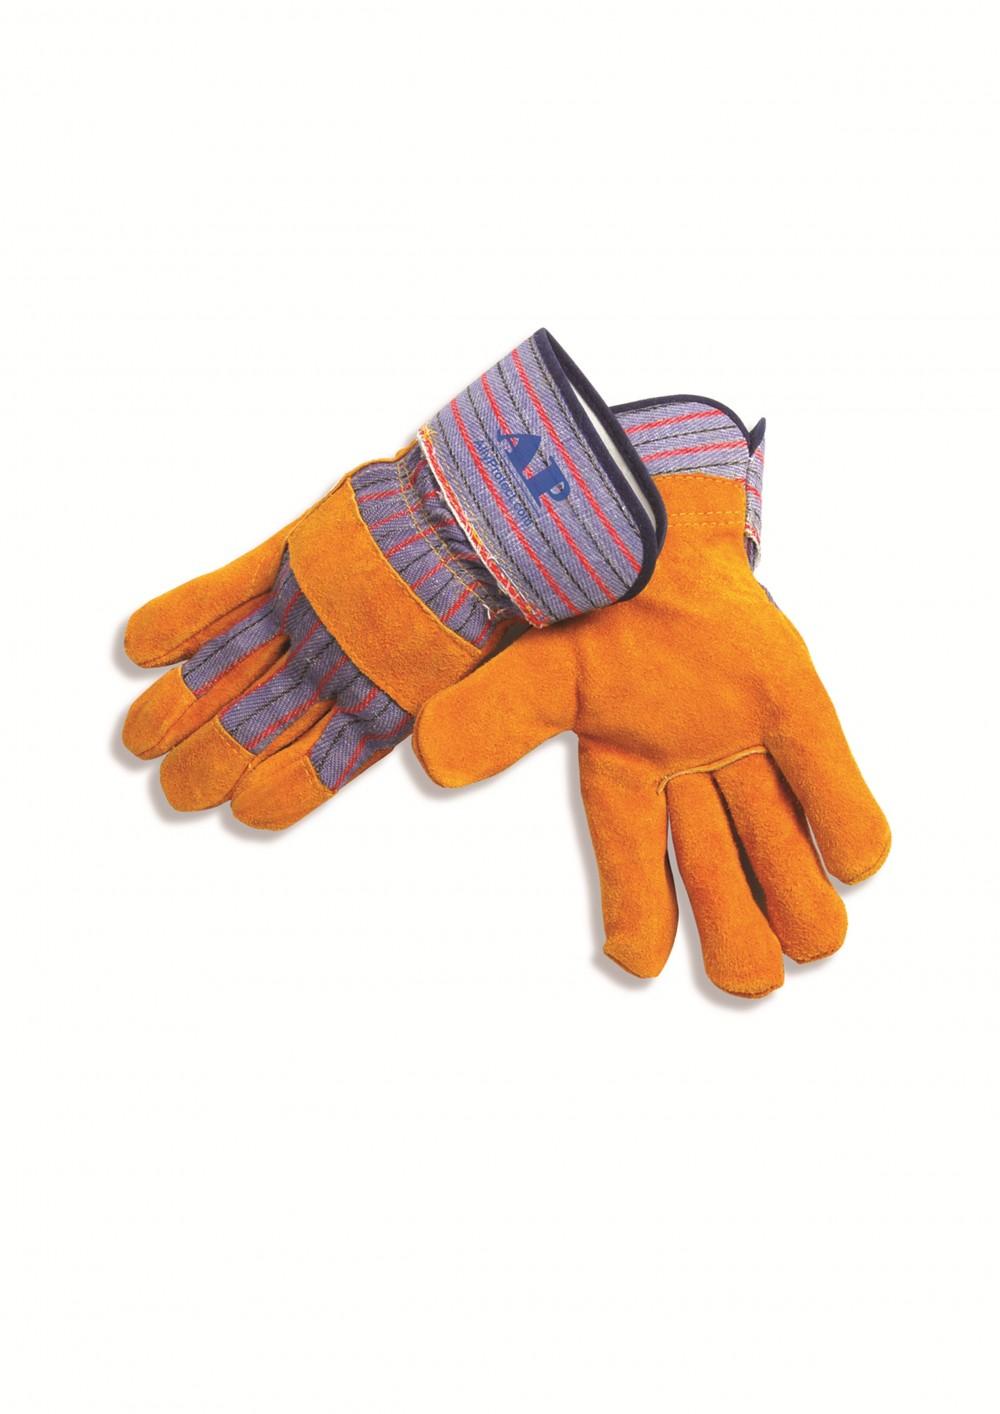 AP-1516友盟金黄色全掌半皮手套